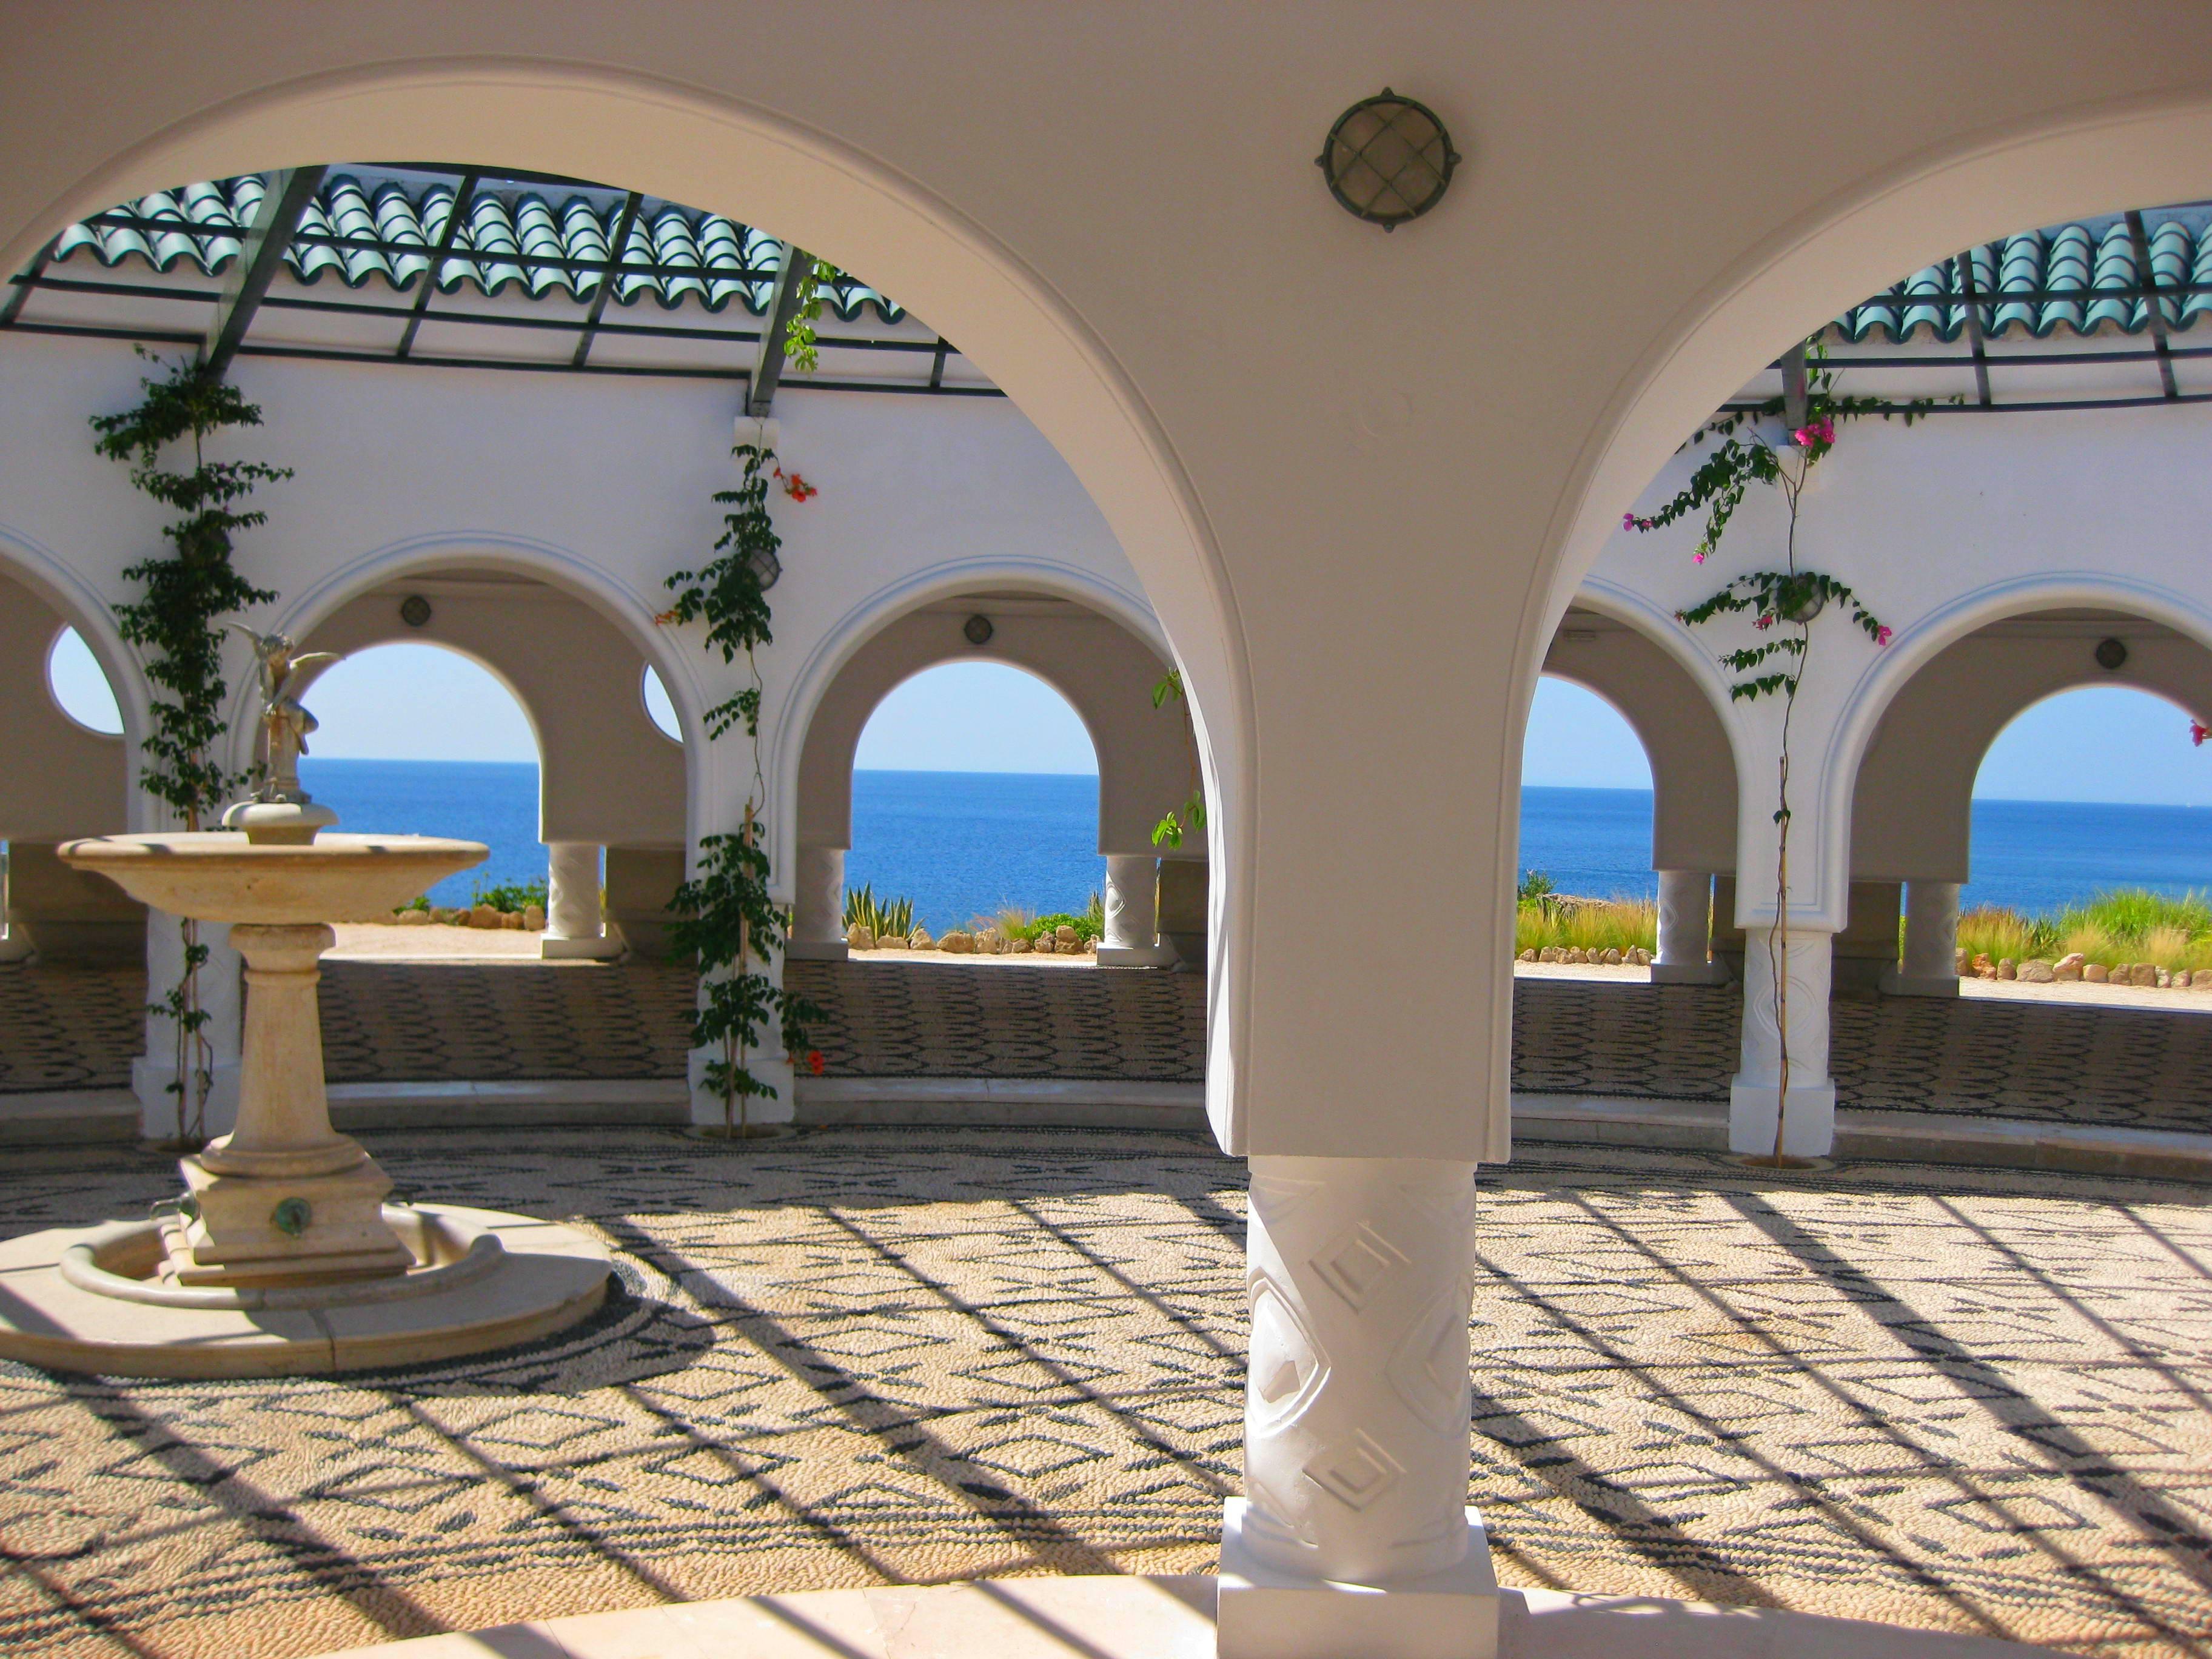 Остров Родос. Итальянская ротонда на курорте Калитея